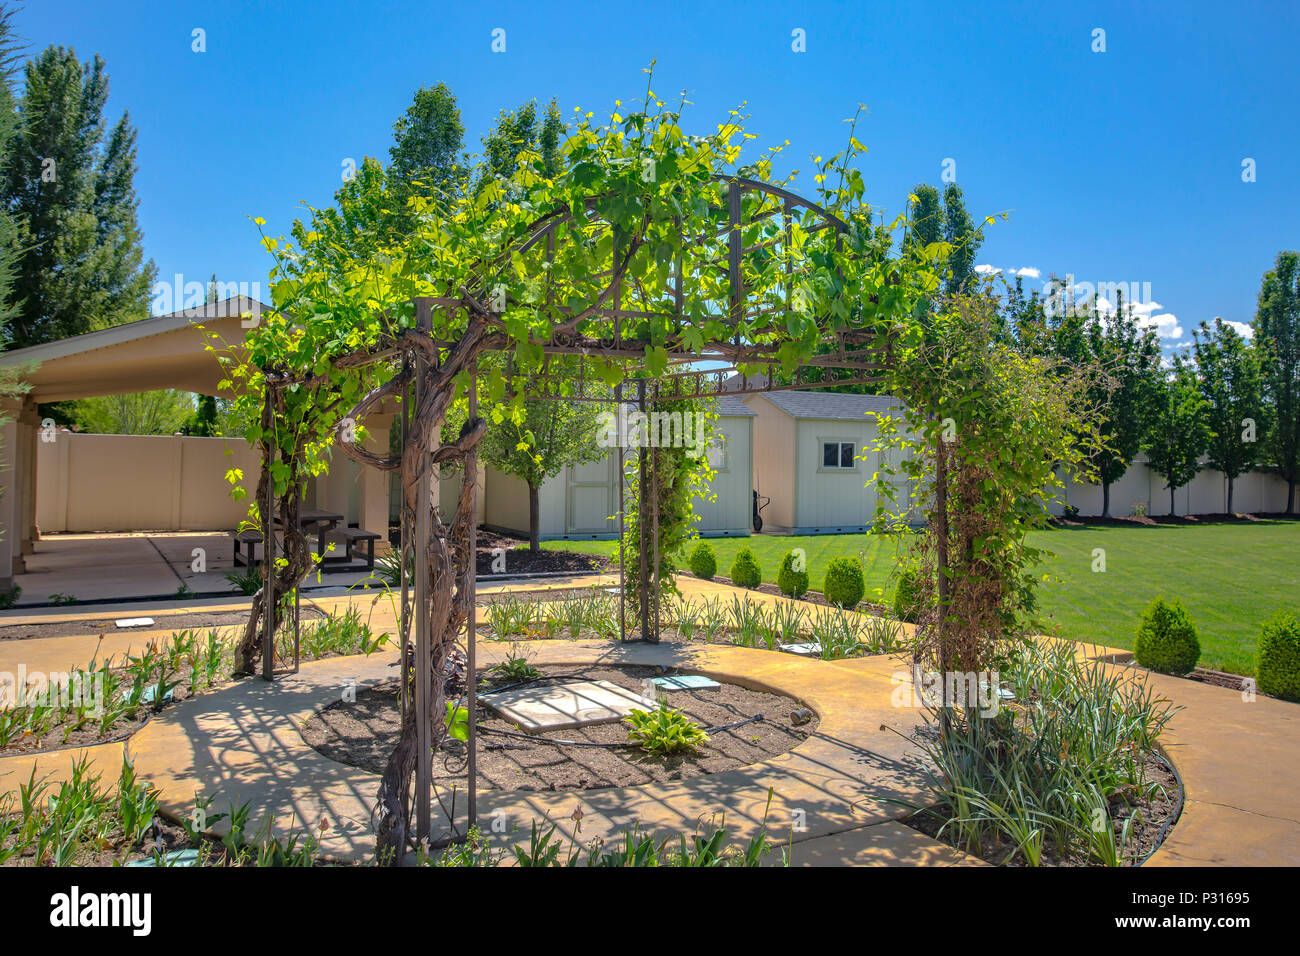 Garten Pavillon Mit Reben Wächst Auf Und Im Hintergrund Mit